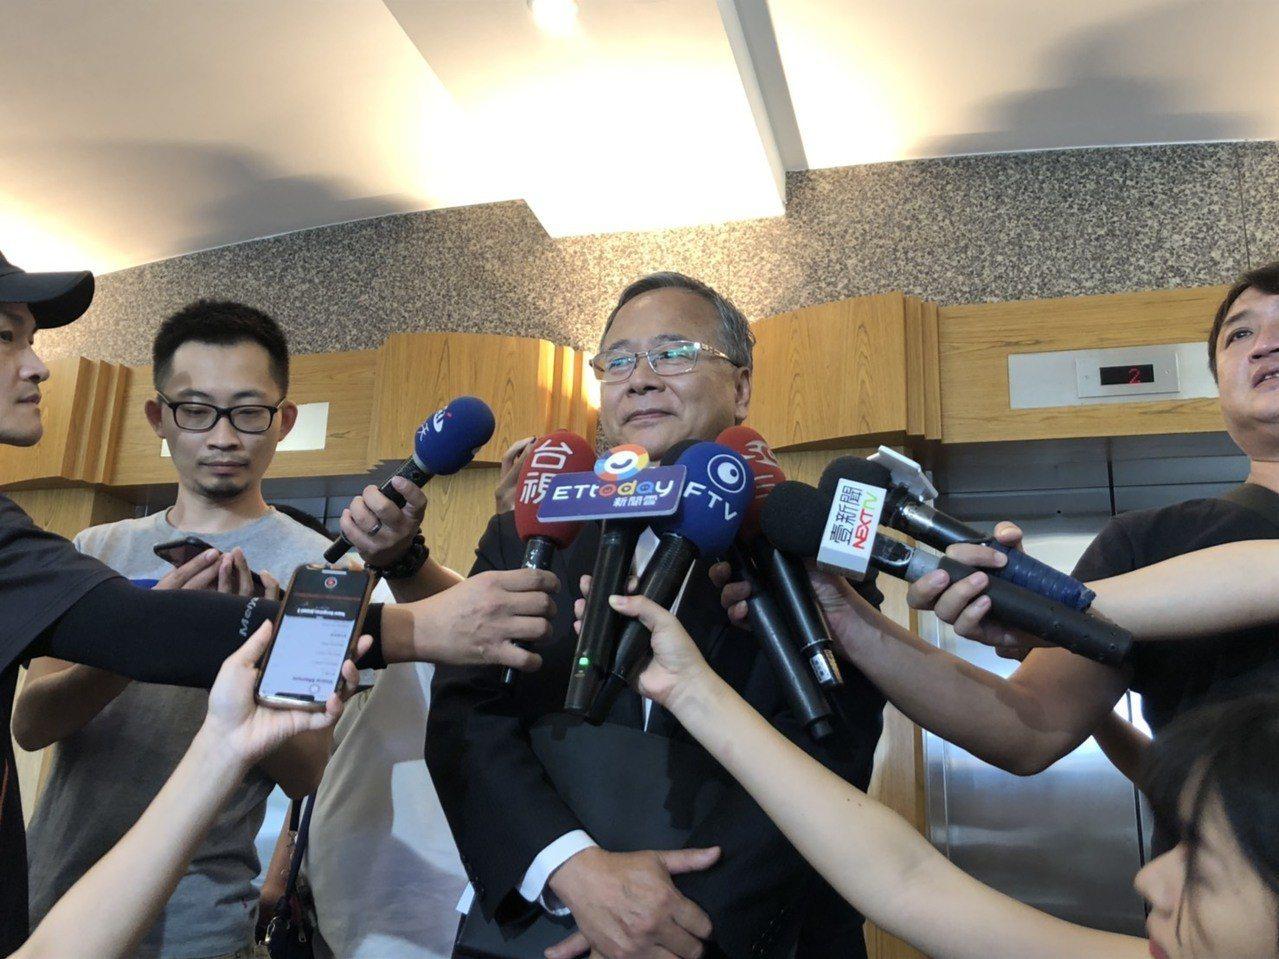 遠航總經理李梓煌傍晚也在事件發生後首度出面說明。記者侯俐安/攝影